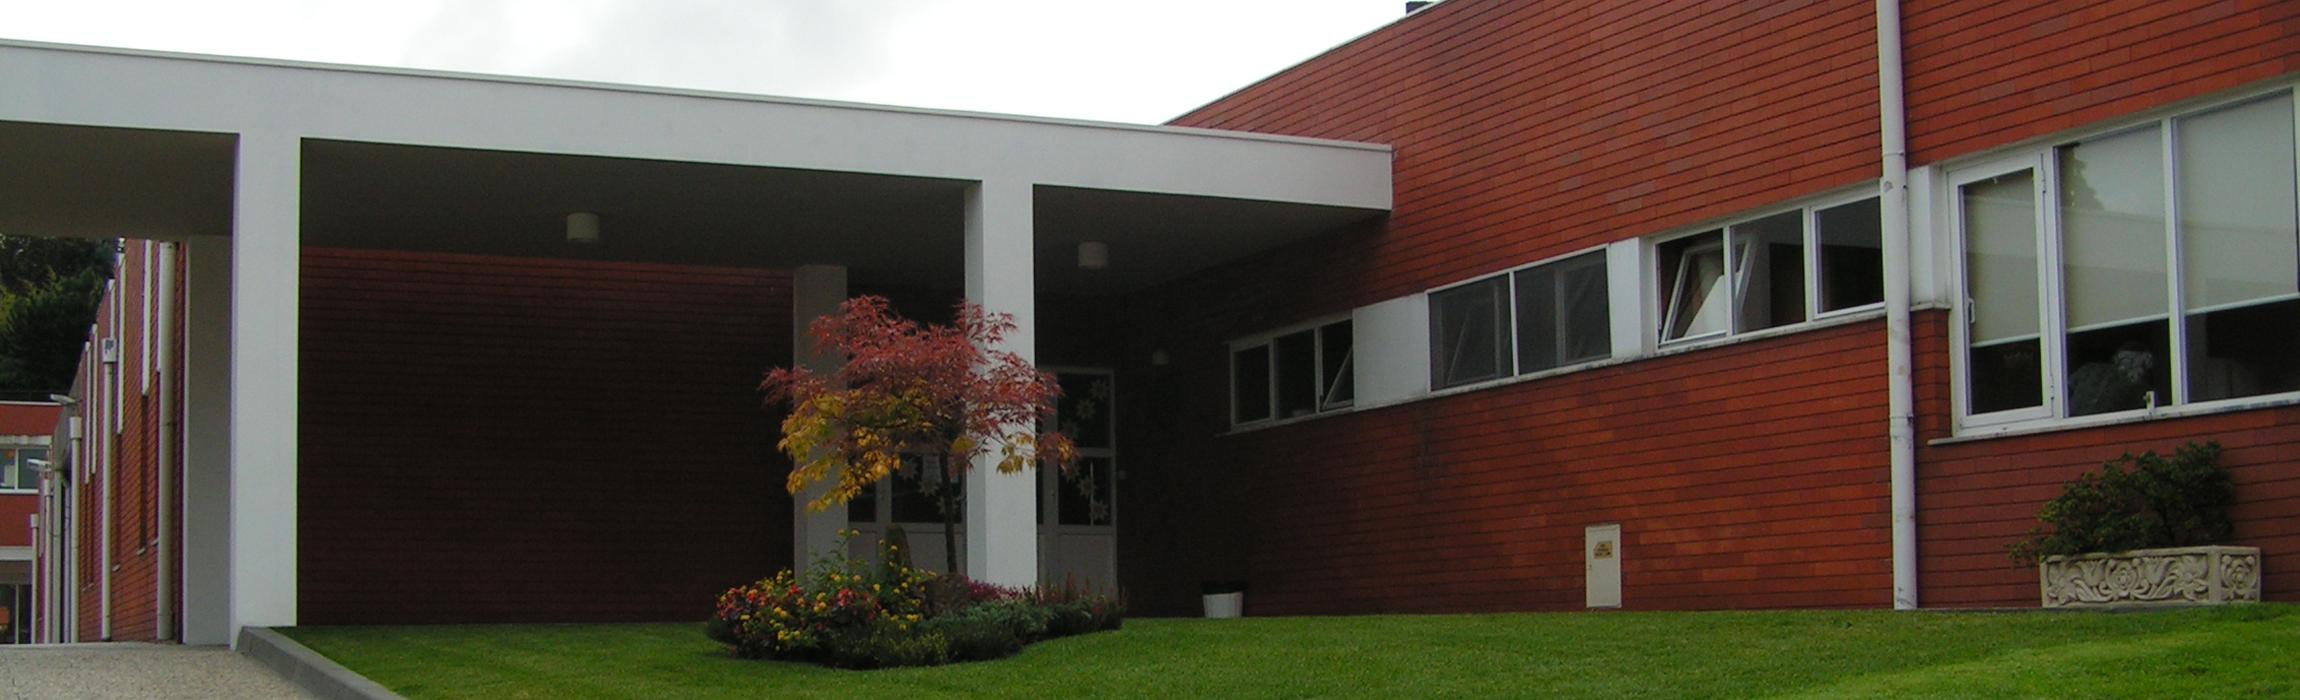 Centro Social e Cultural de Riba de Ave